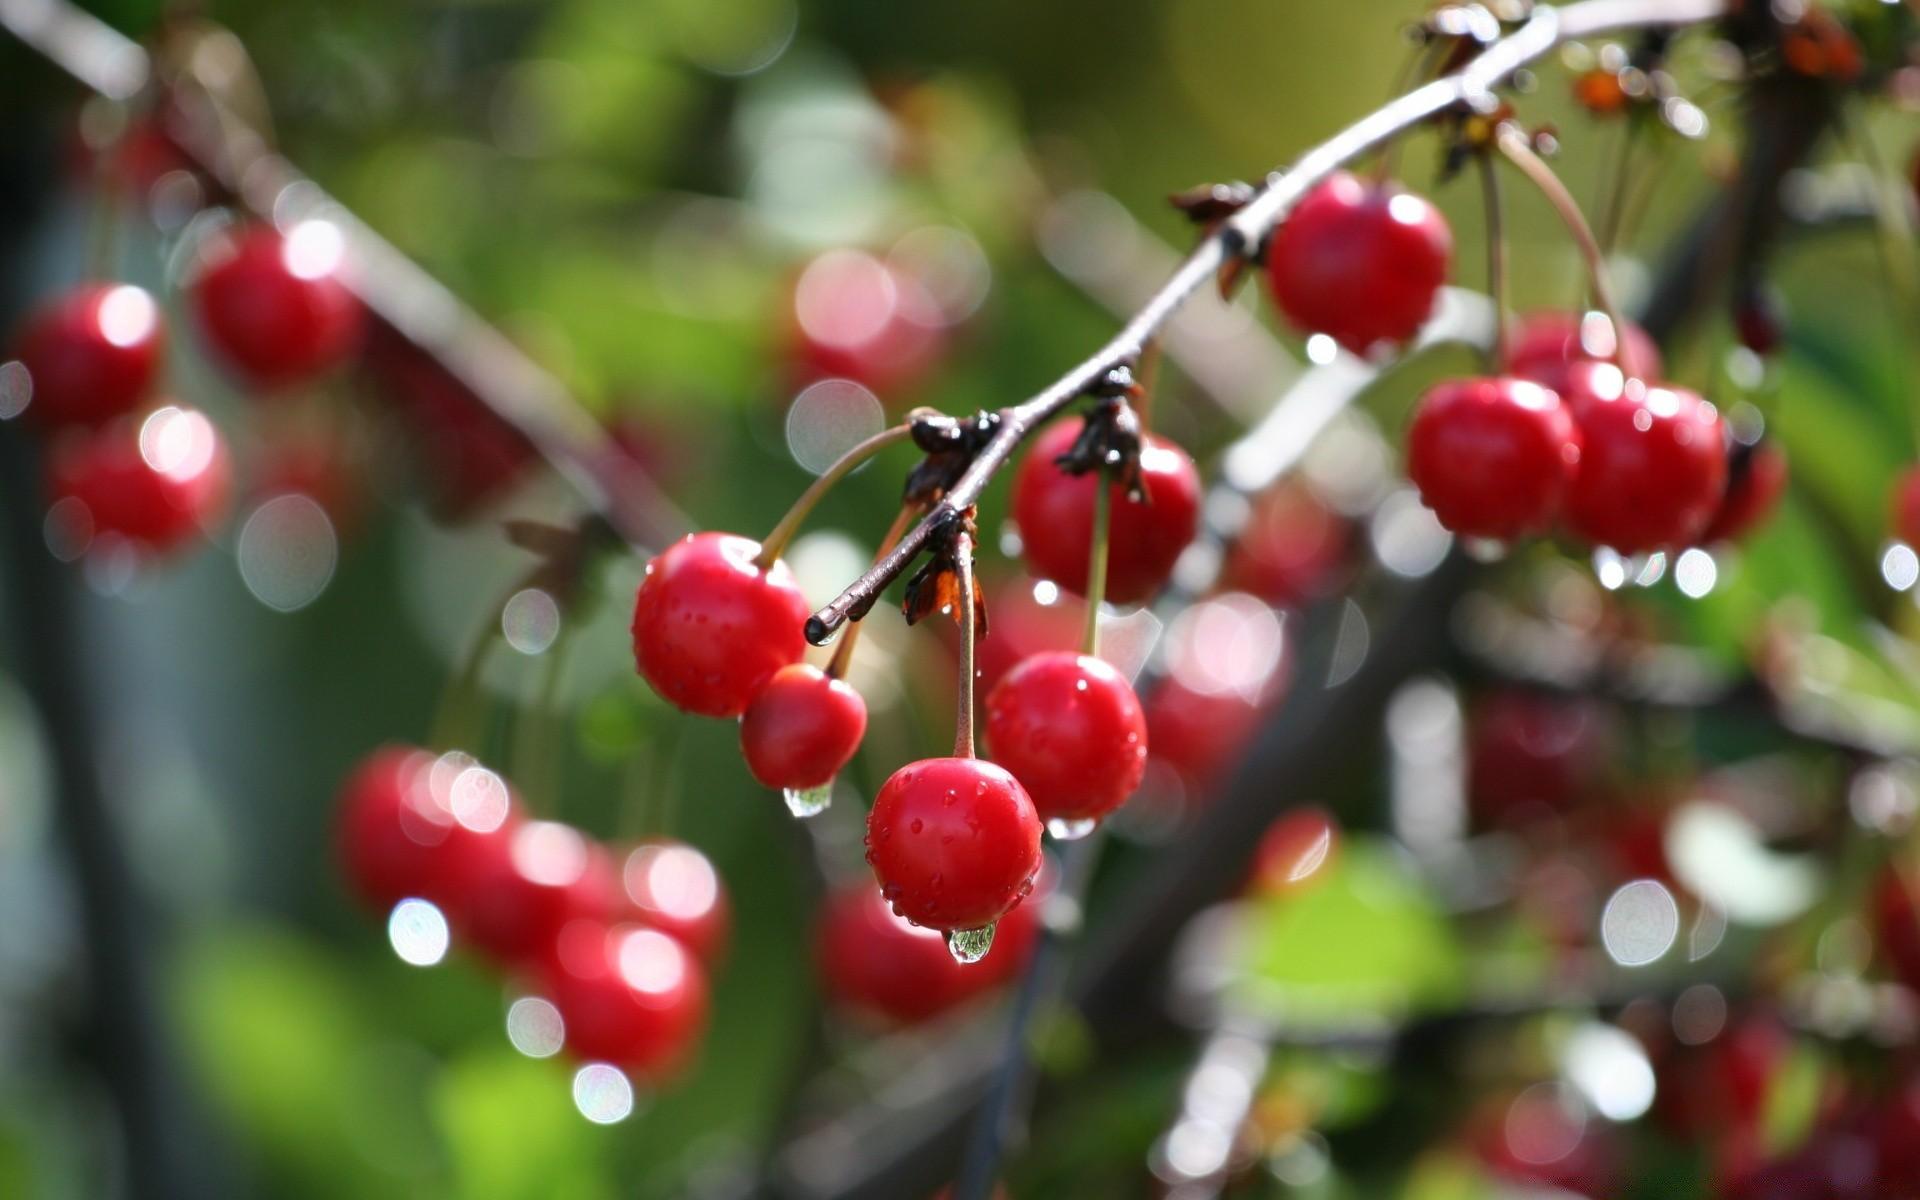 автомобиль картинки деревьев с фруктами и ягодами солдатова популярная